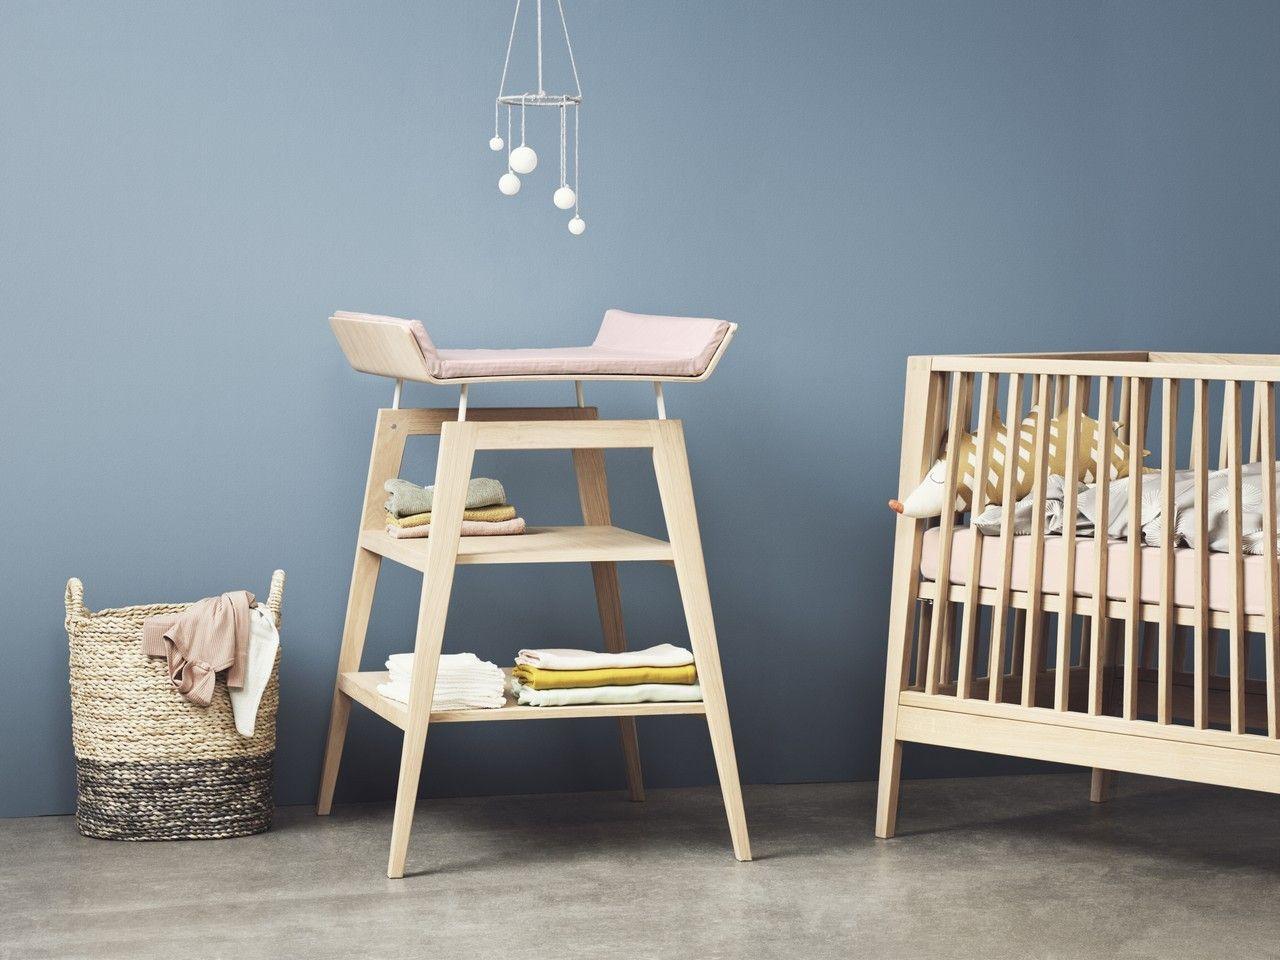 Der Neue Leander Wickeltisch Linea Hat Ein Minimalistisches Design Und  Besteht Wie Das Neue Babybett Aus